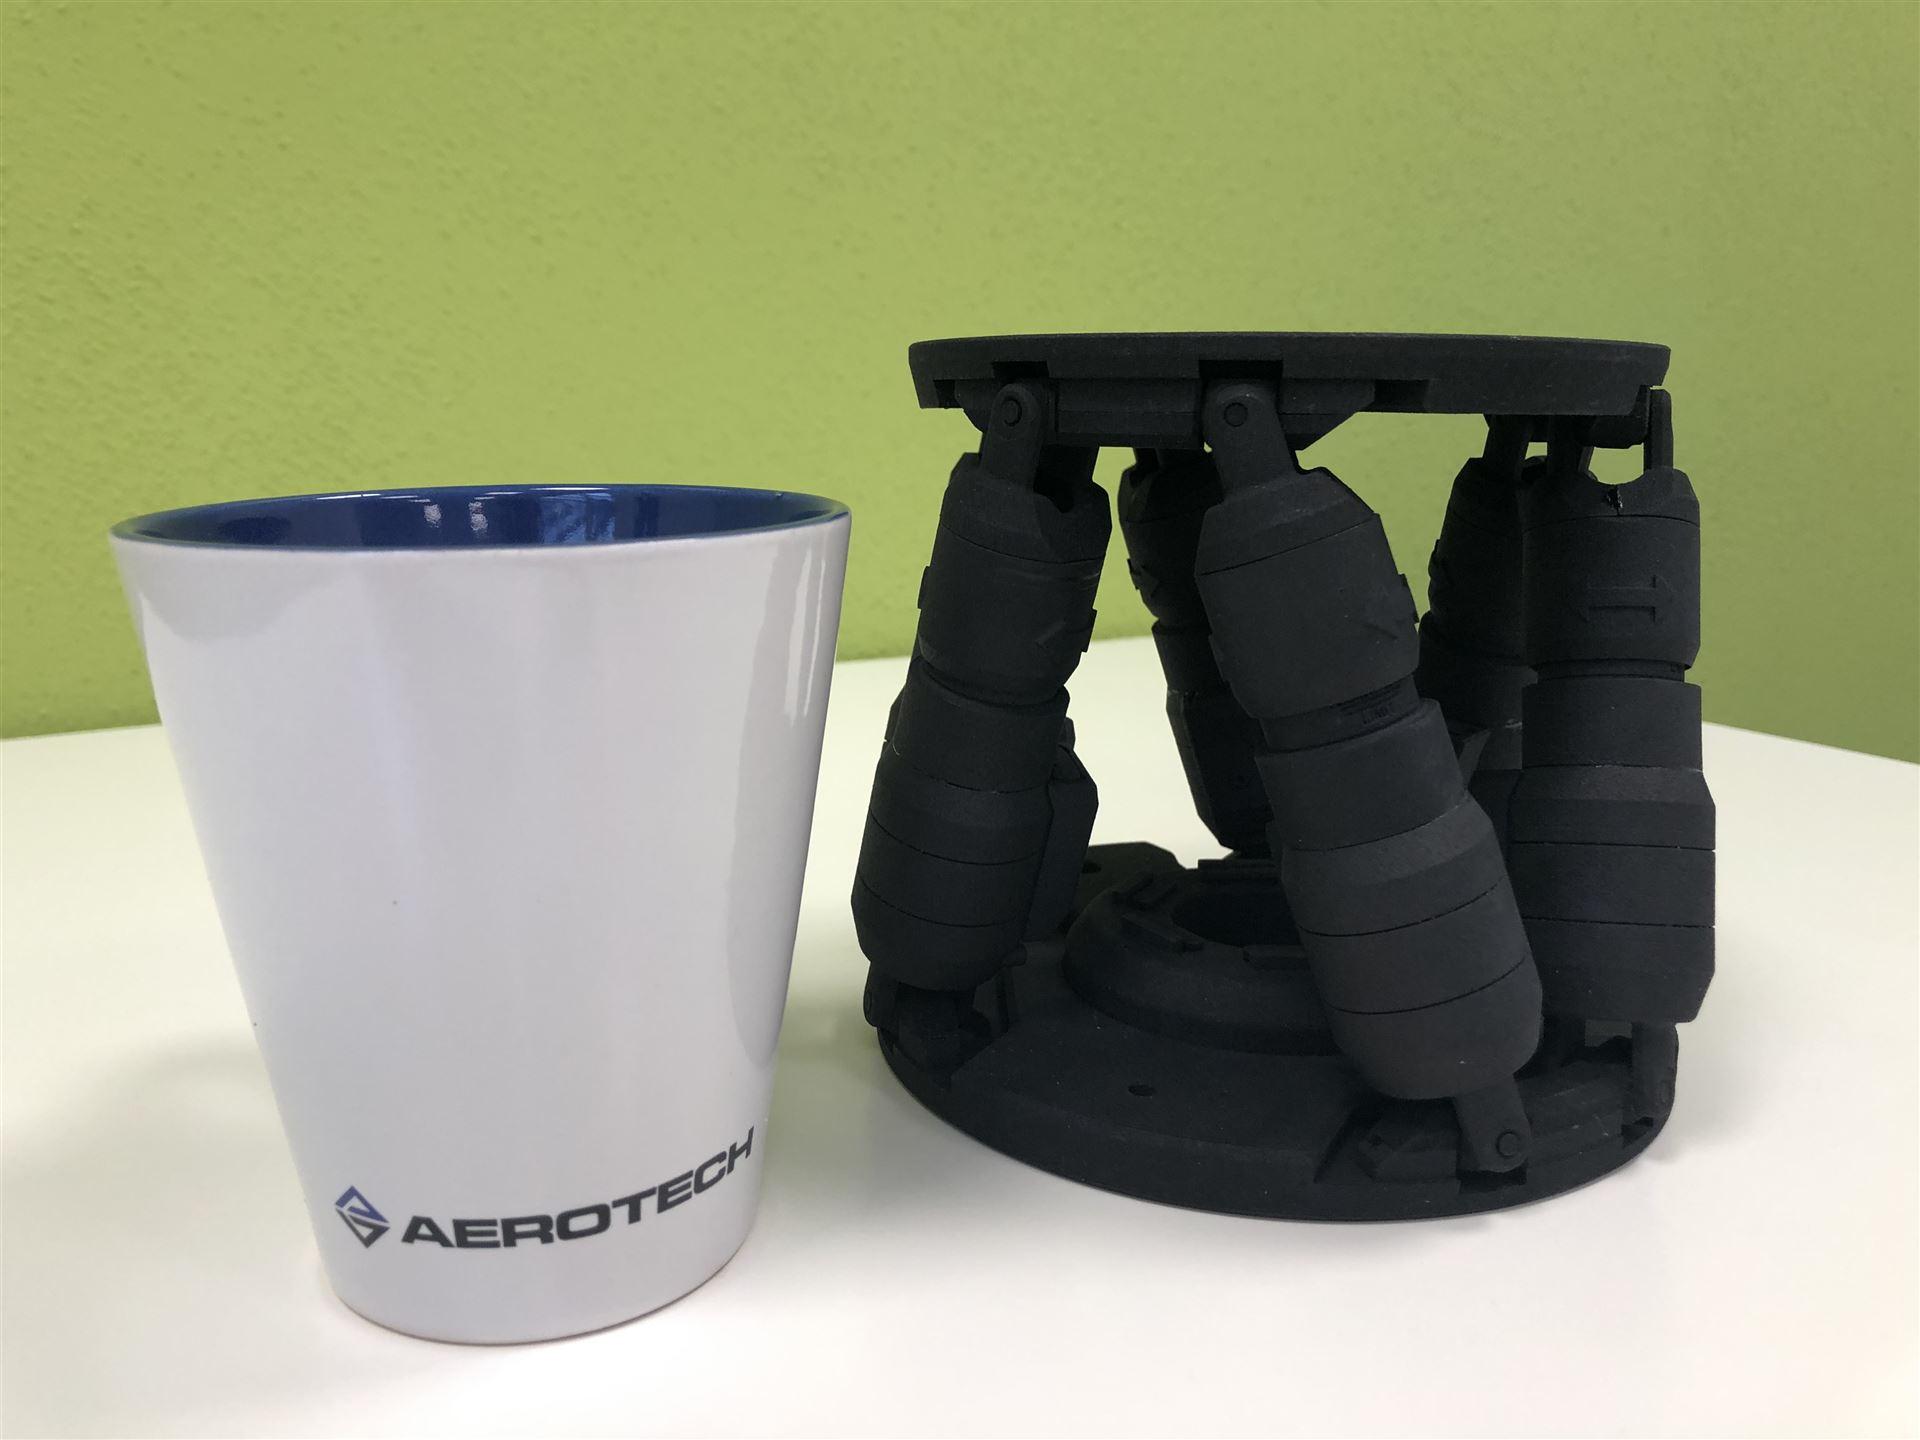 Neuer HEX150 Hexapod von Aerotech besticht durch seine hervorragende Präzisionsmechanik